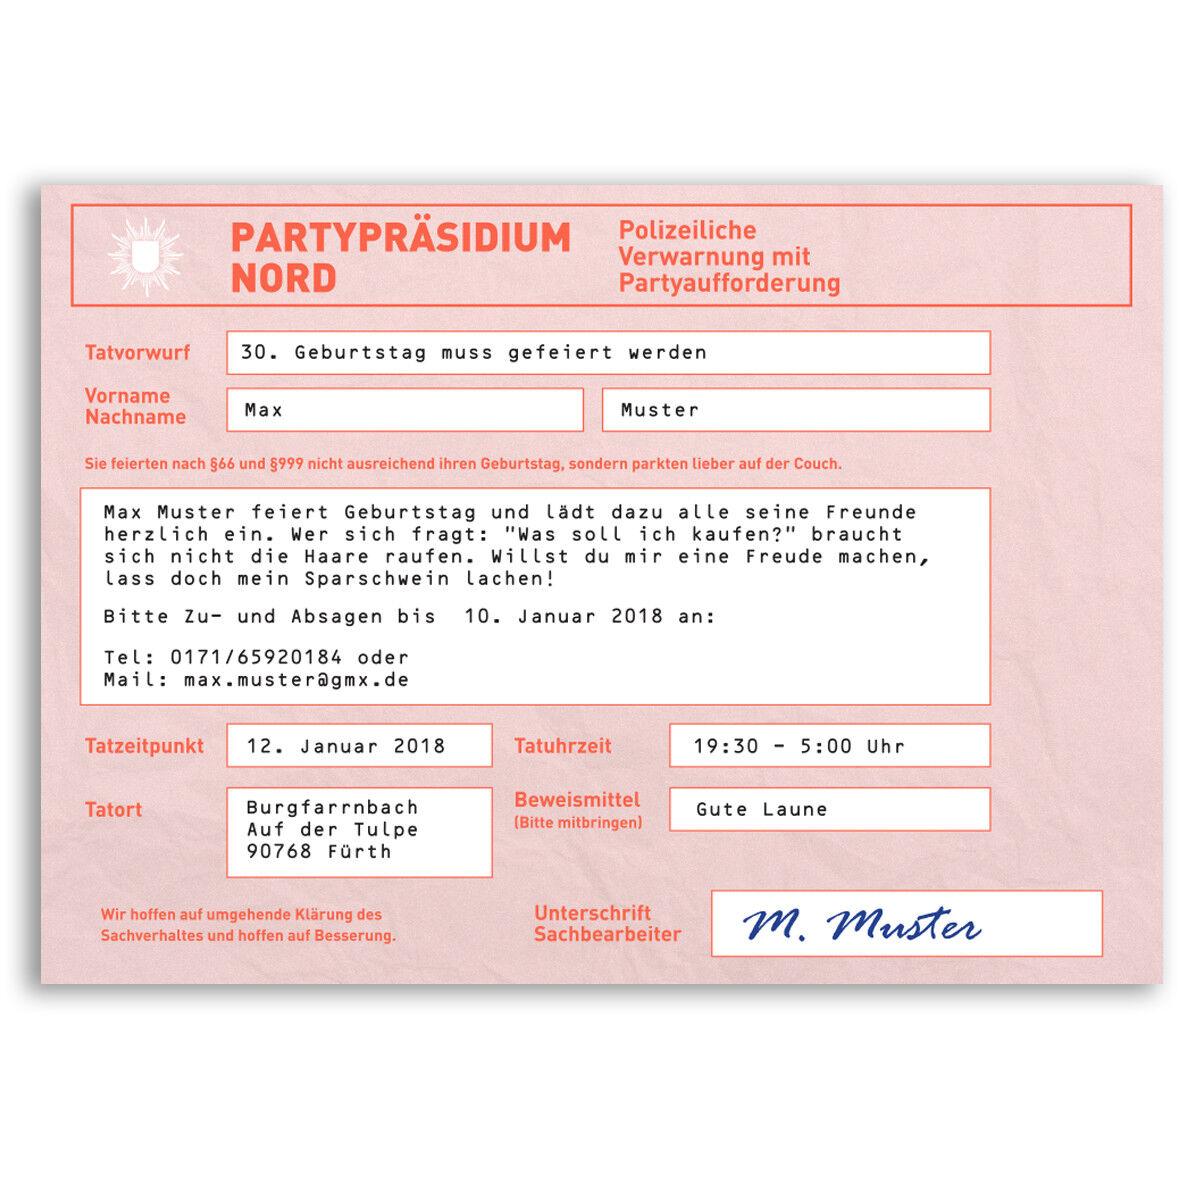 Einladungskarten zum Geburtstag als Strafzettel Auto Polizei Einladung Einladung Einladung | Online-verkauf  | Vogue  3cfe5b